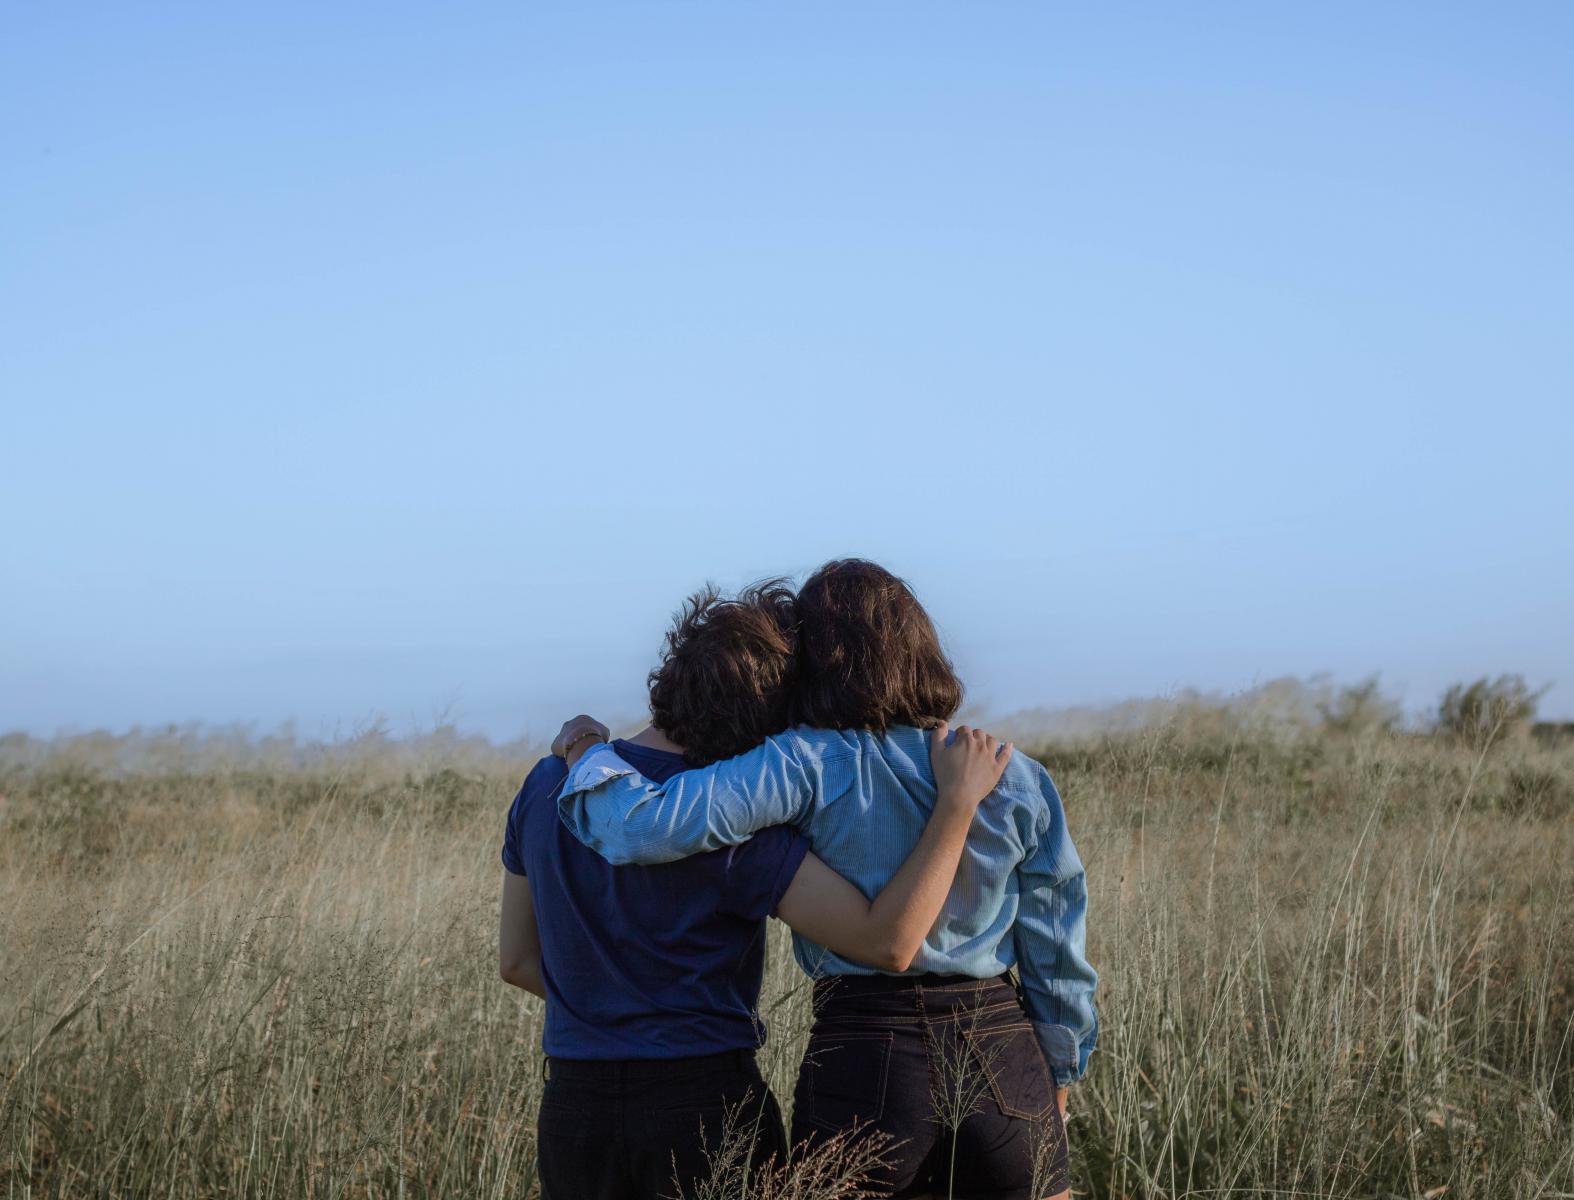 遠距離戀愛如何維持?4個方法告訴你,「自己先過好」對彼此最健康-1